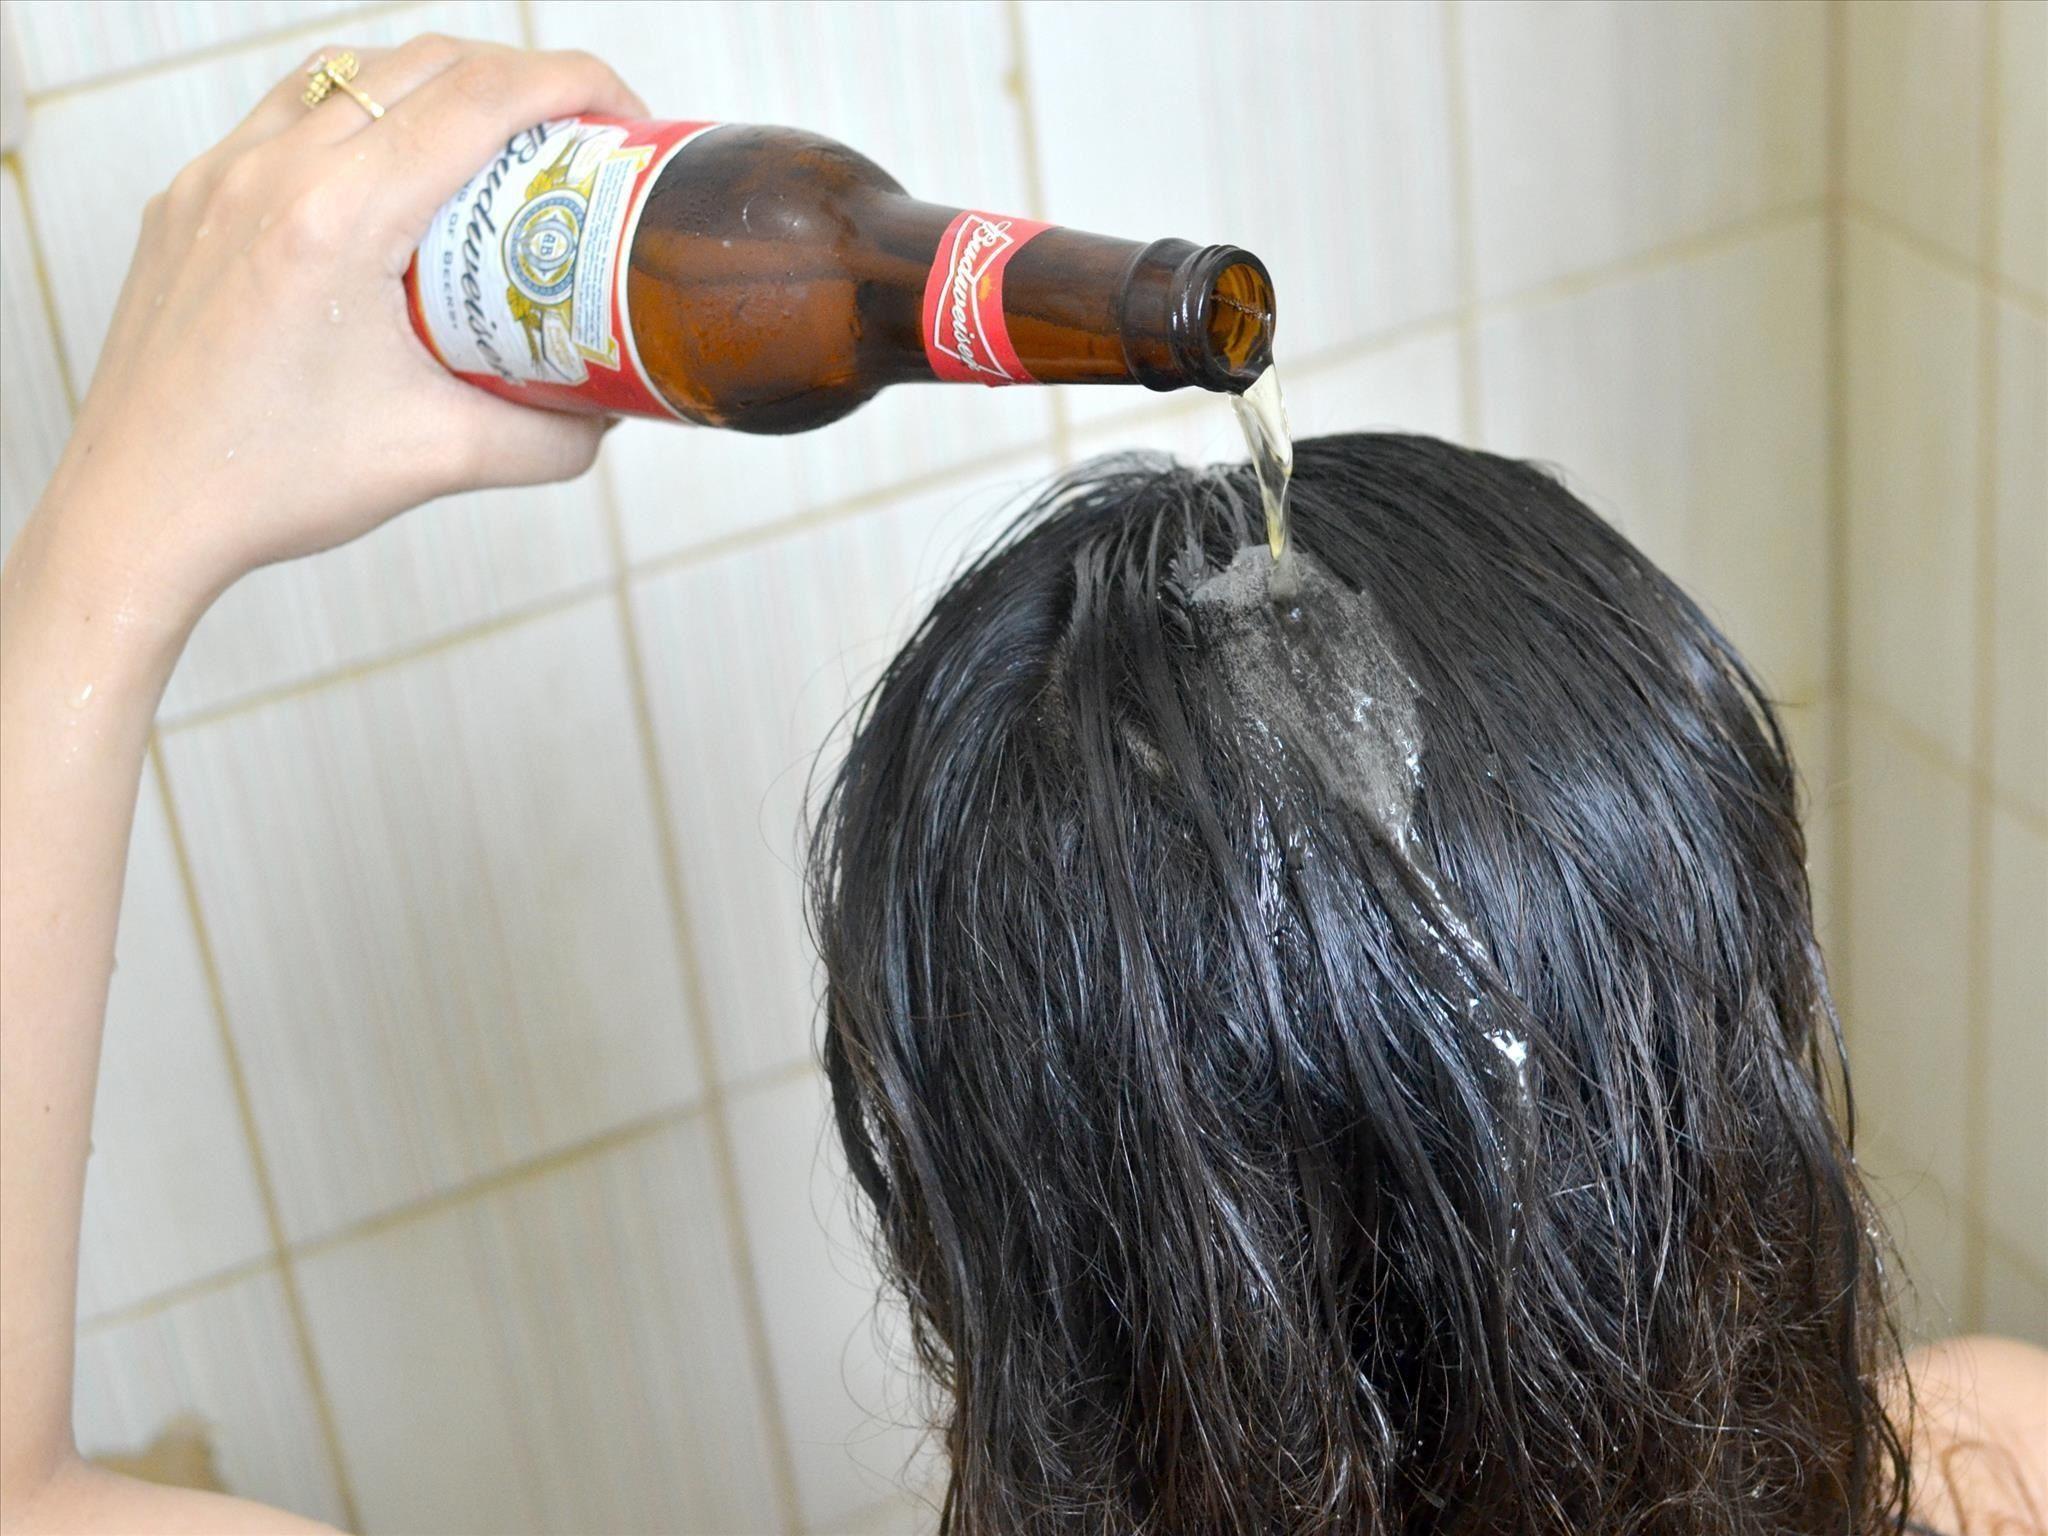 Bia giúp dưỡng ẩm và kích thích mọc tóc.